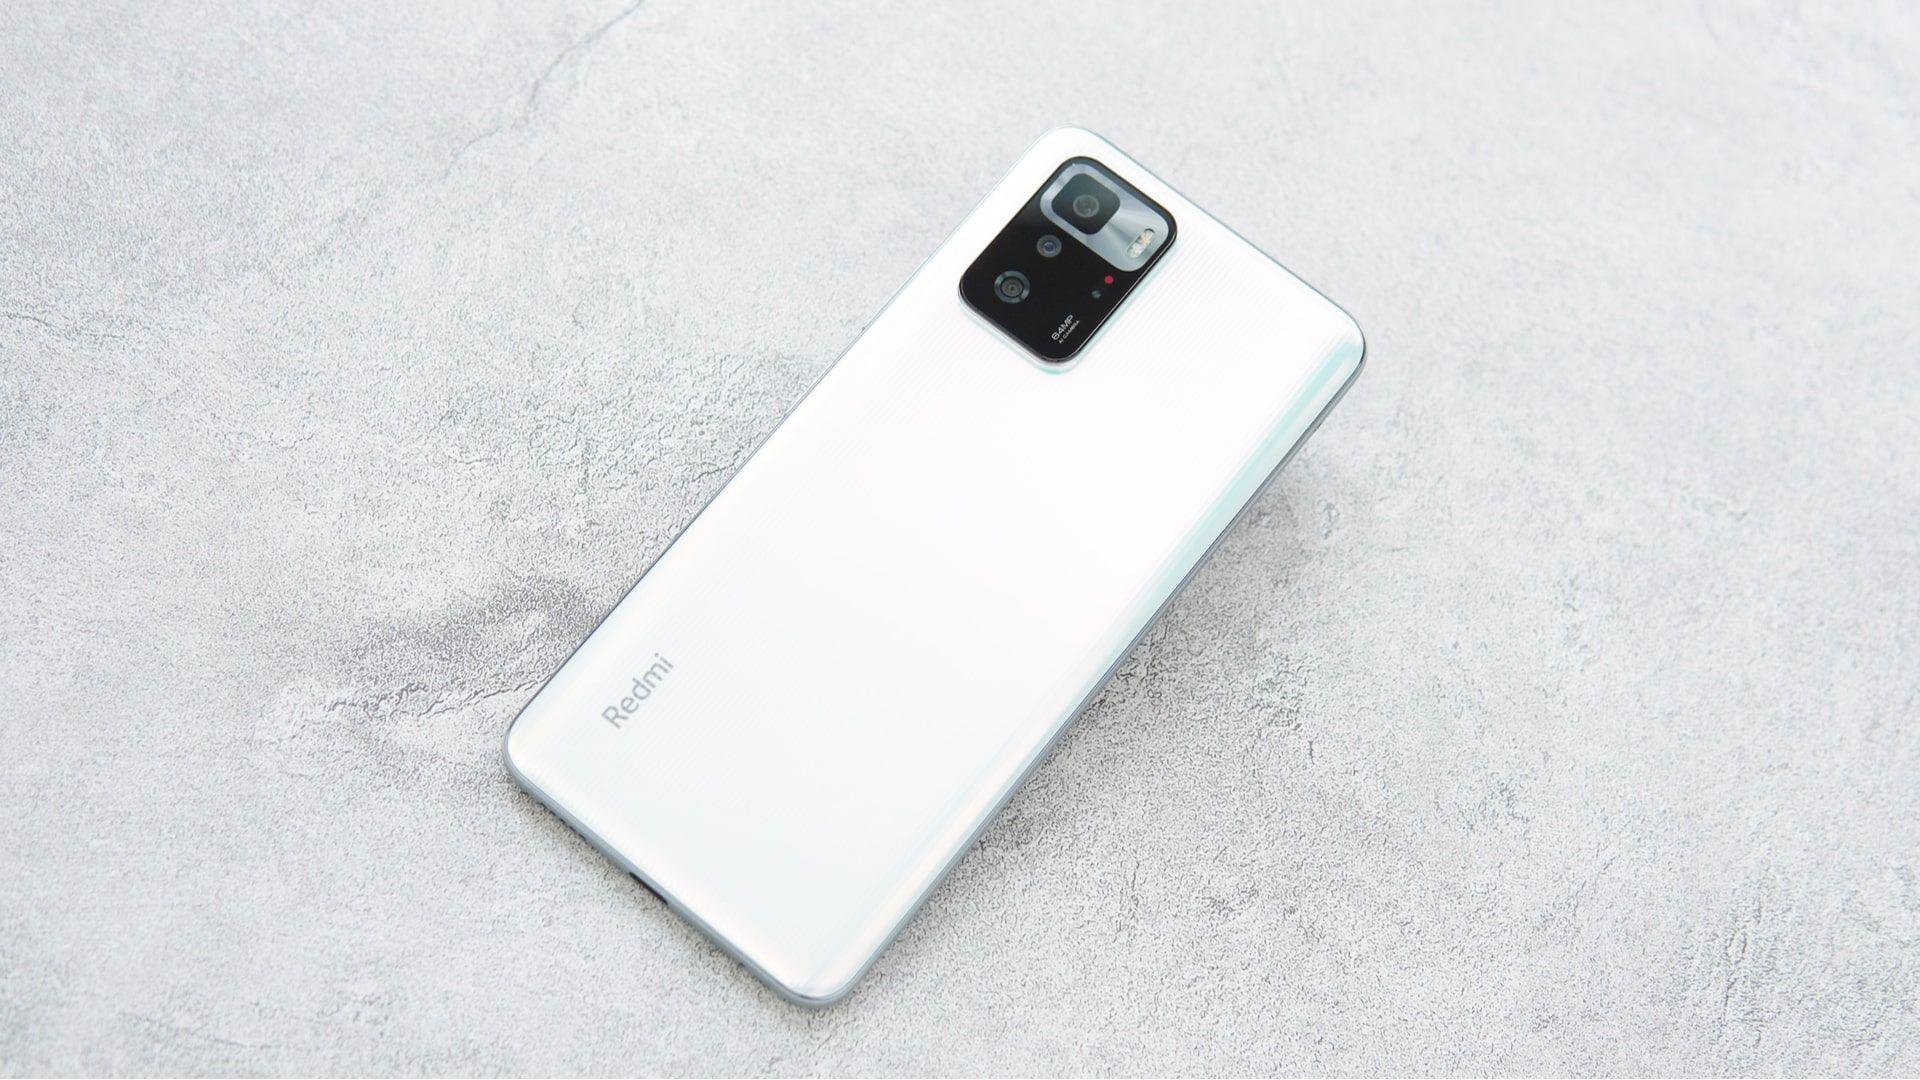 Parte traseira Redmi Note 10 Pro, um celular Xiaomi, na cor branca em um fundo cinza